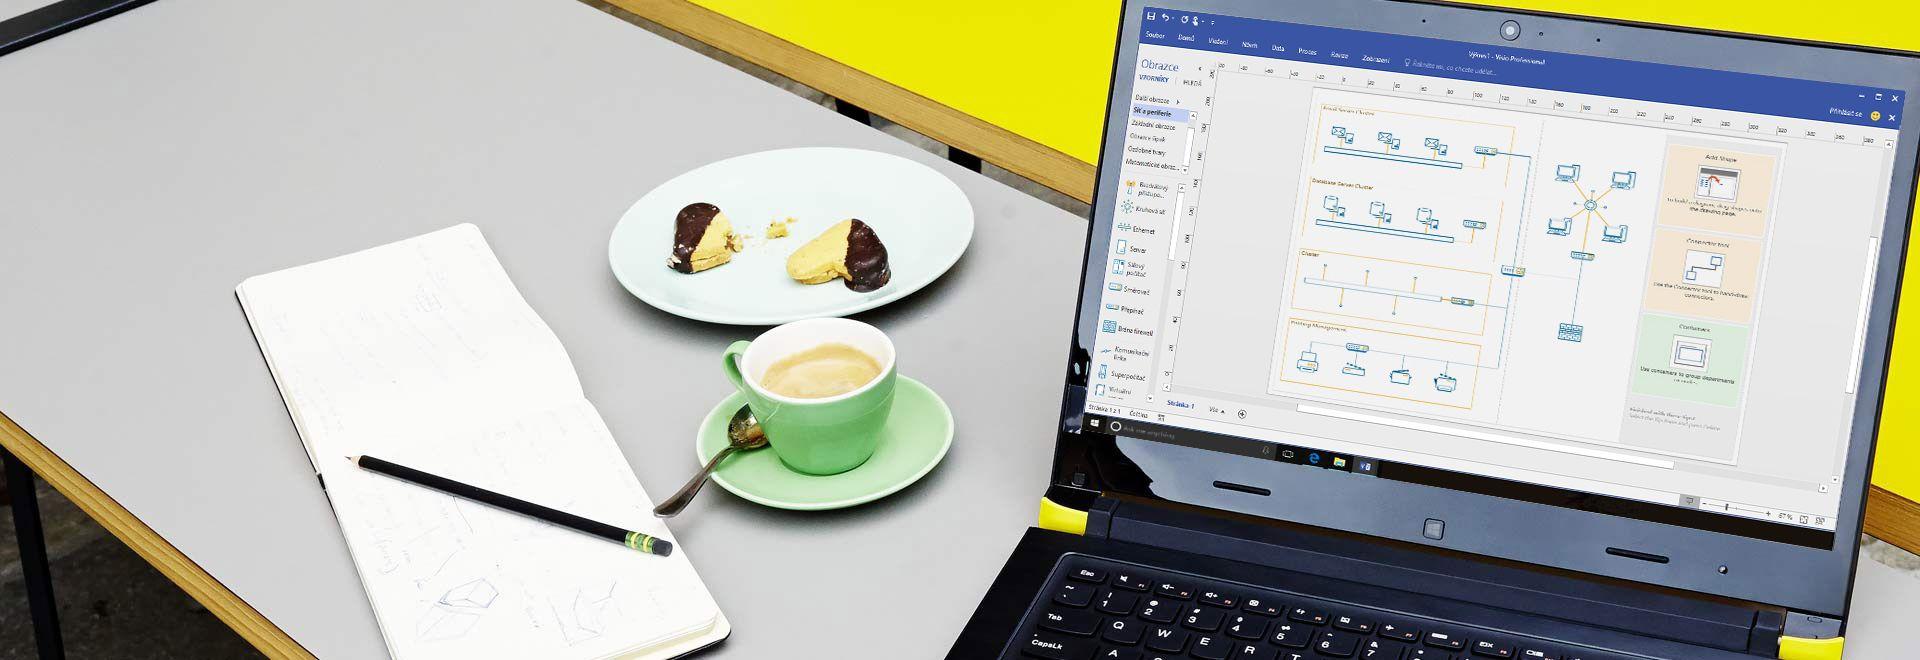 Detailní záběr notebooku na stole se zobrazeným diagramem Visia s podoknem a pásem karet pro úpravy